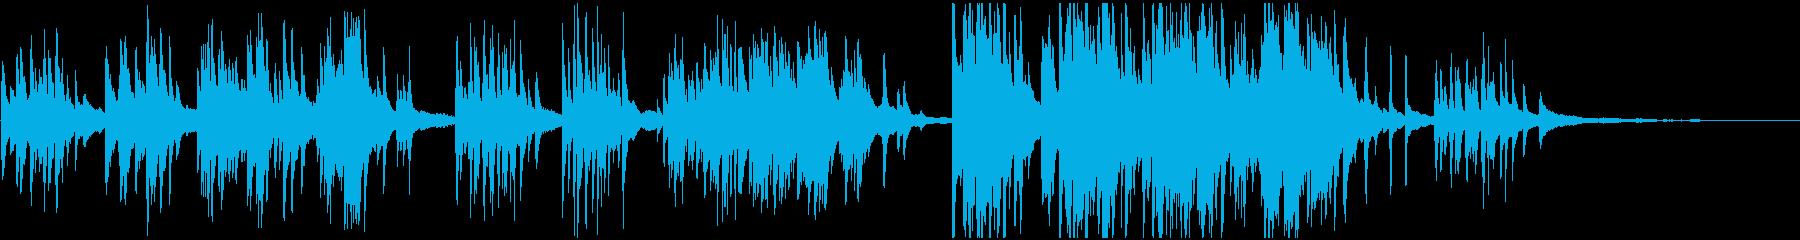 室内楽 感情的 バラード ピアノの再生済みの波形